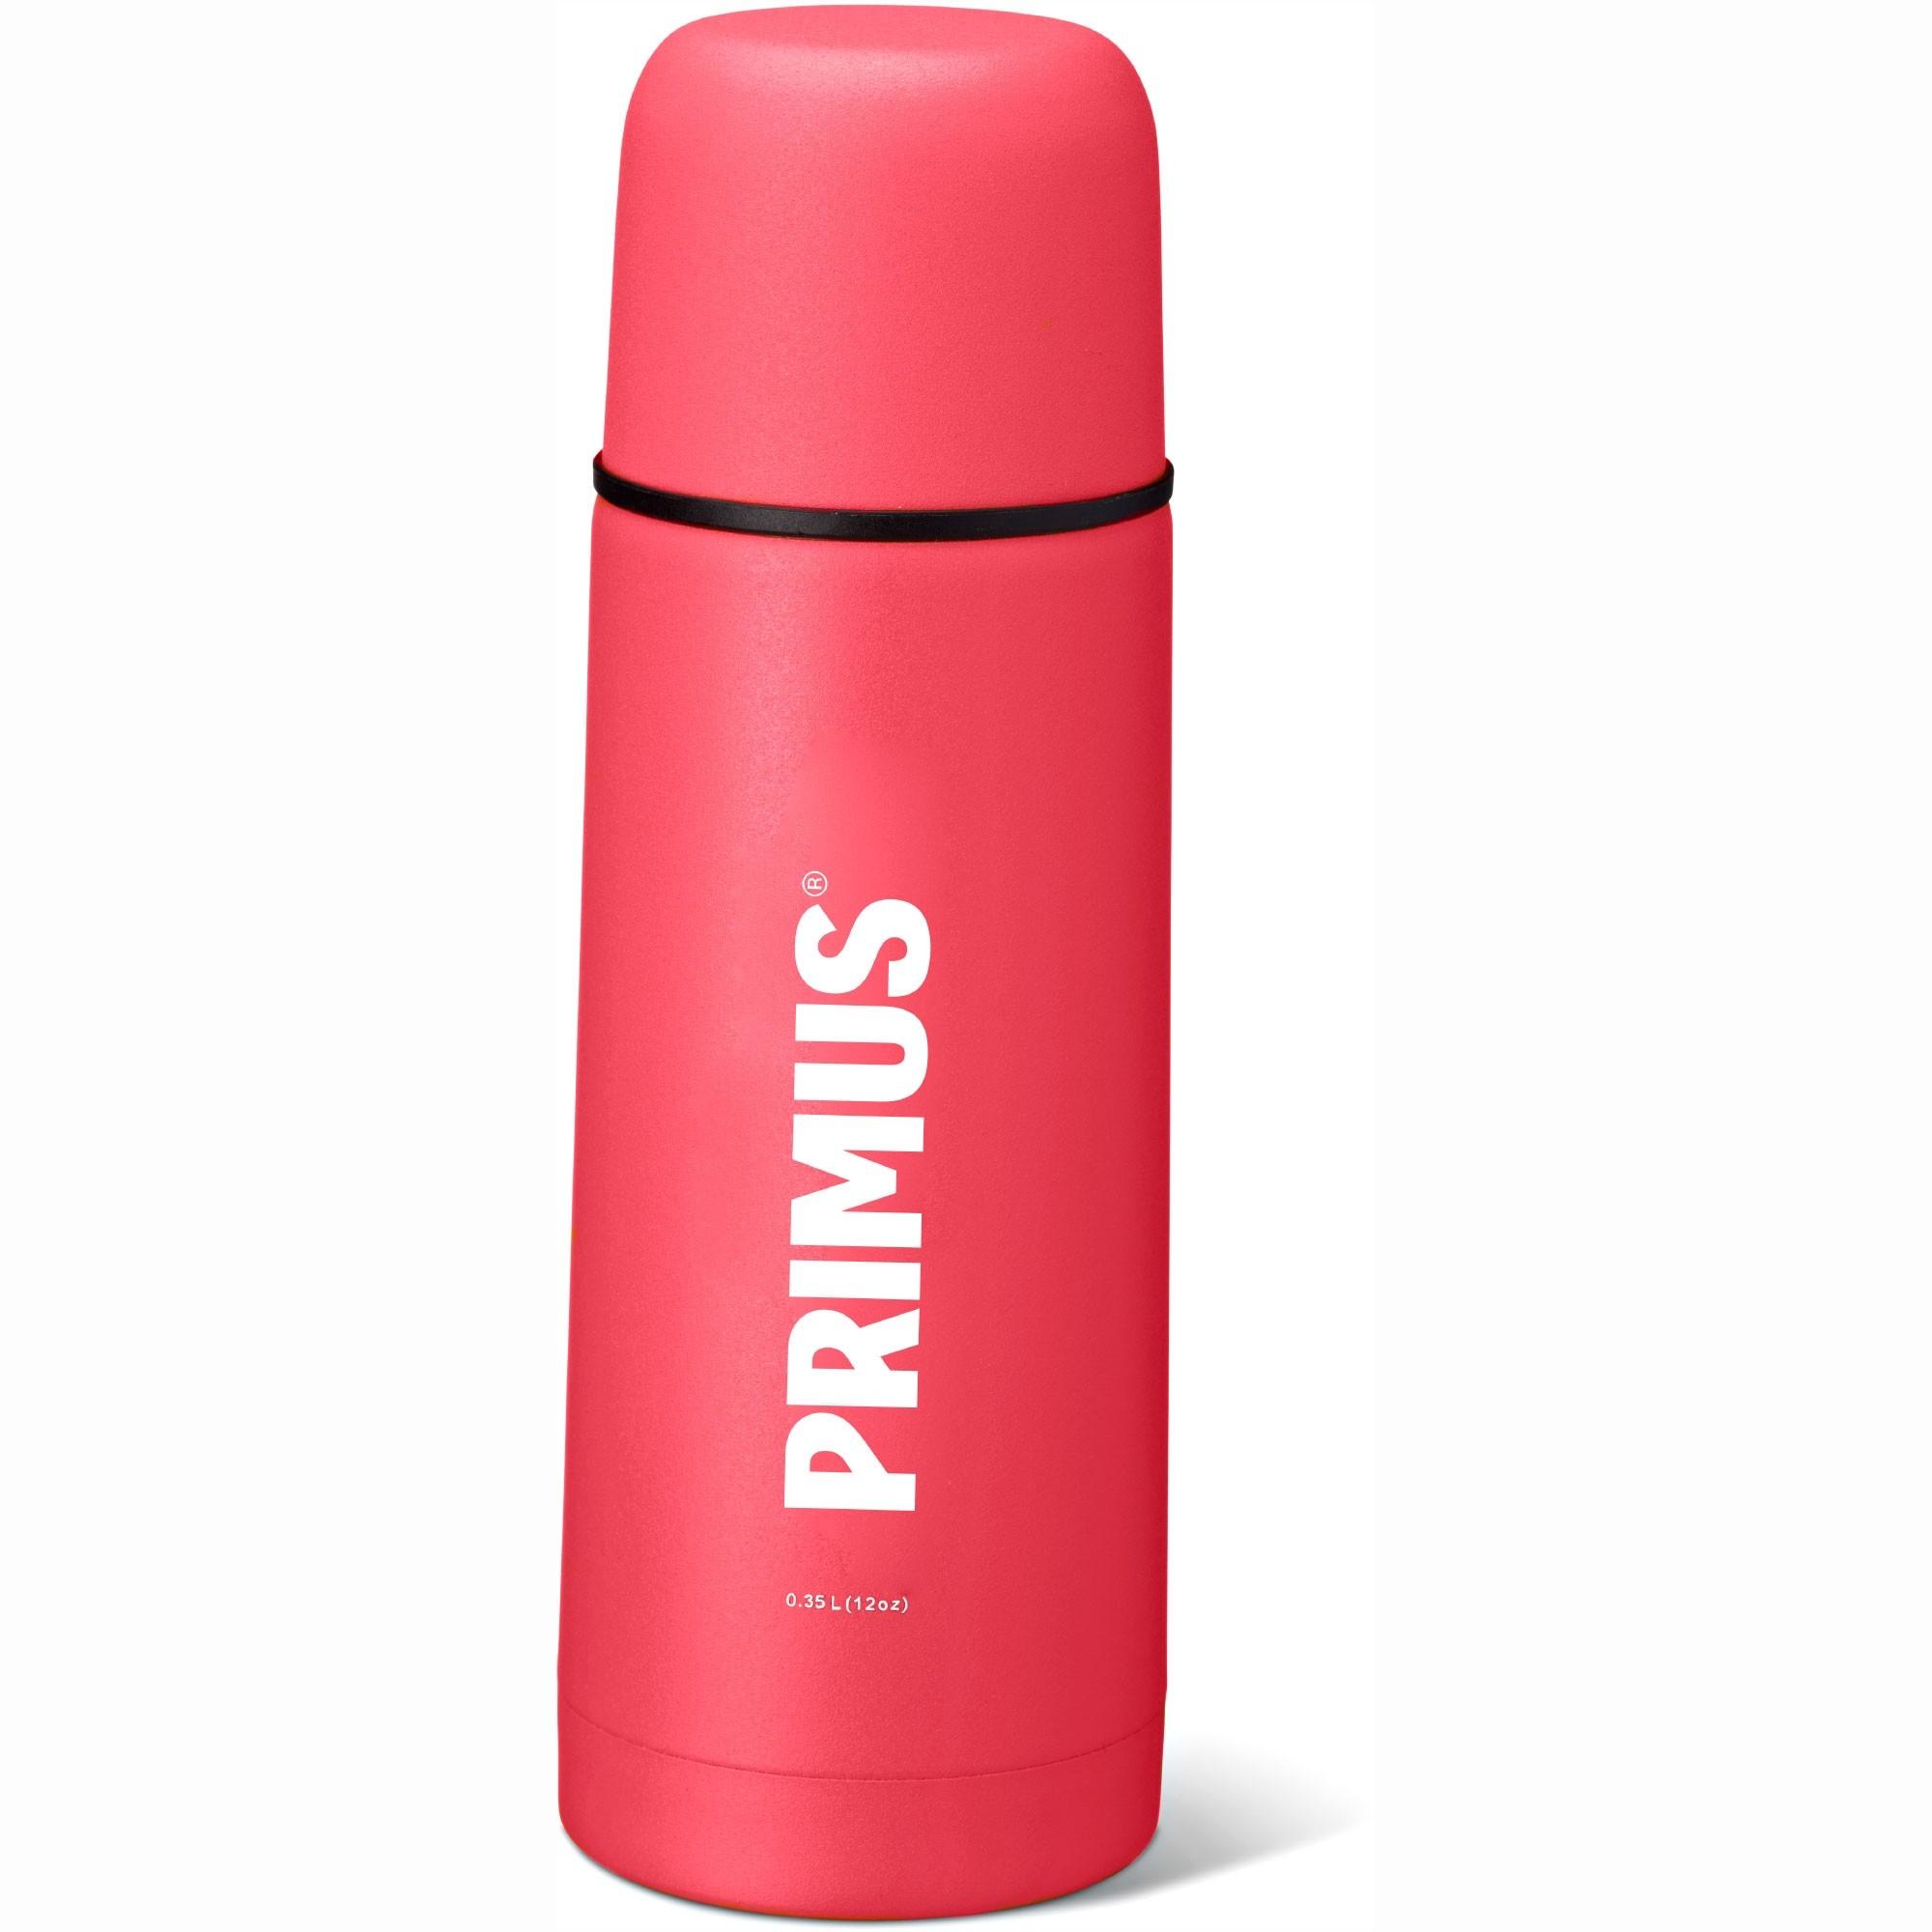 Primus Vacuum Bottle 0.5L - Melon Pink